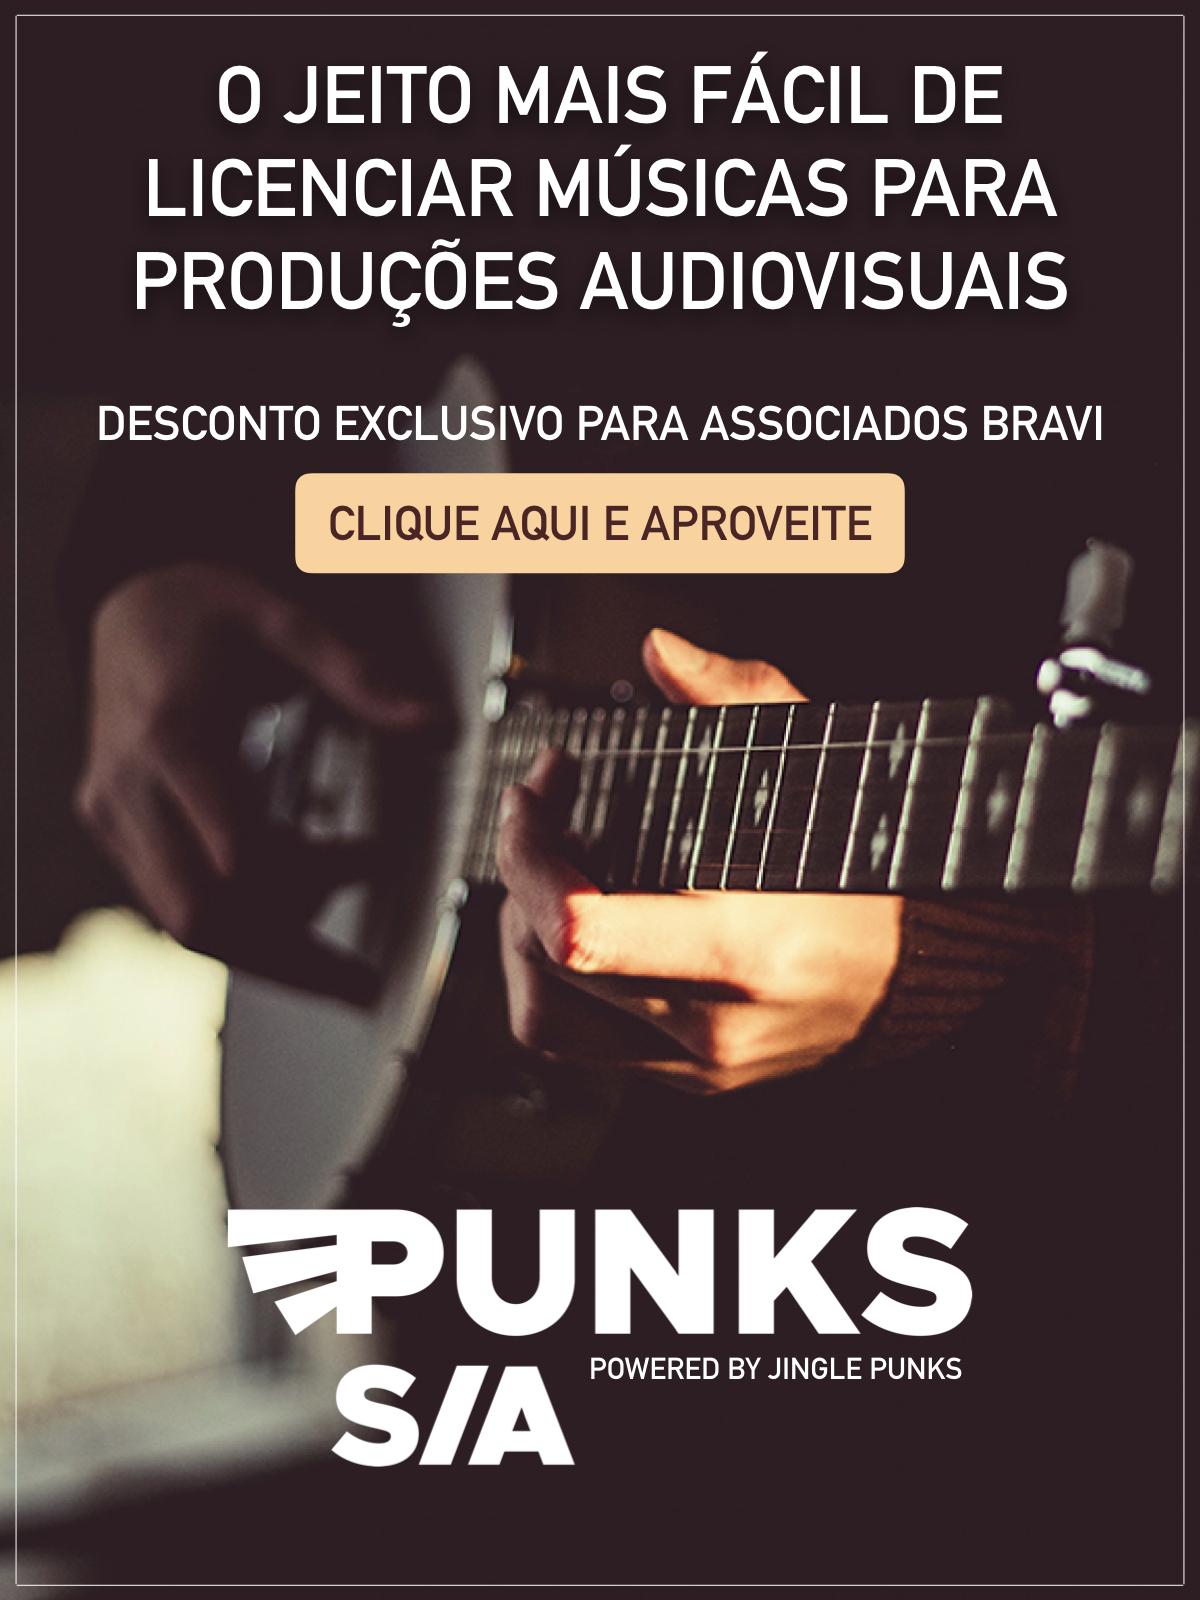 punks-sa-2019